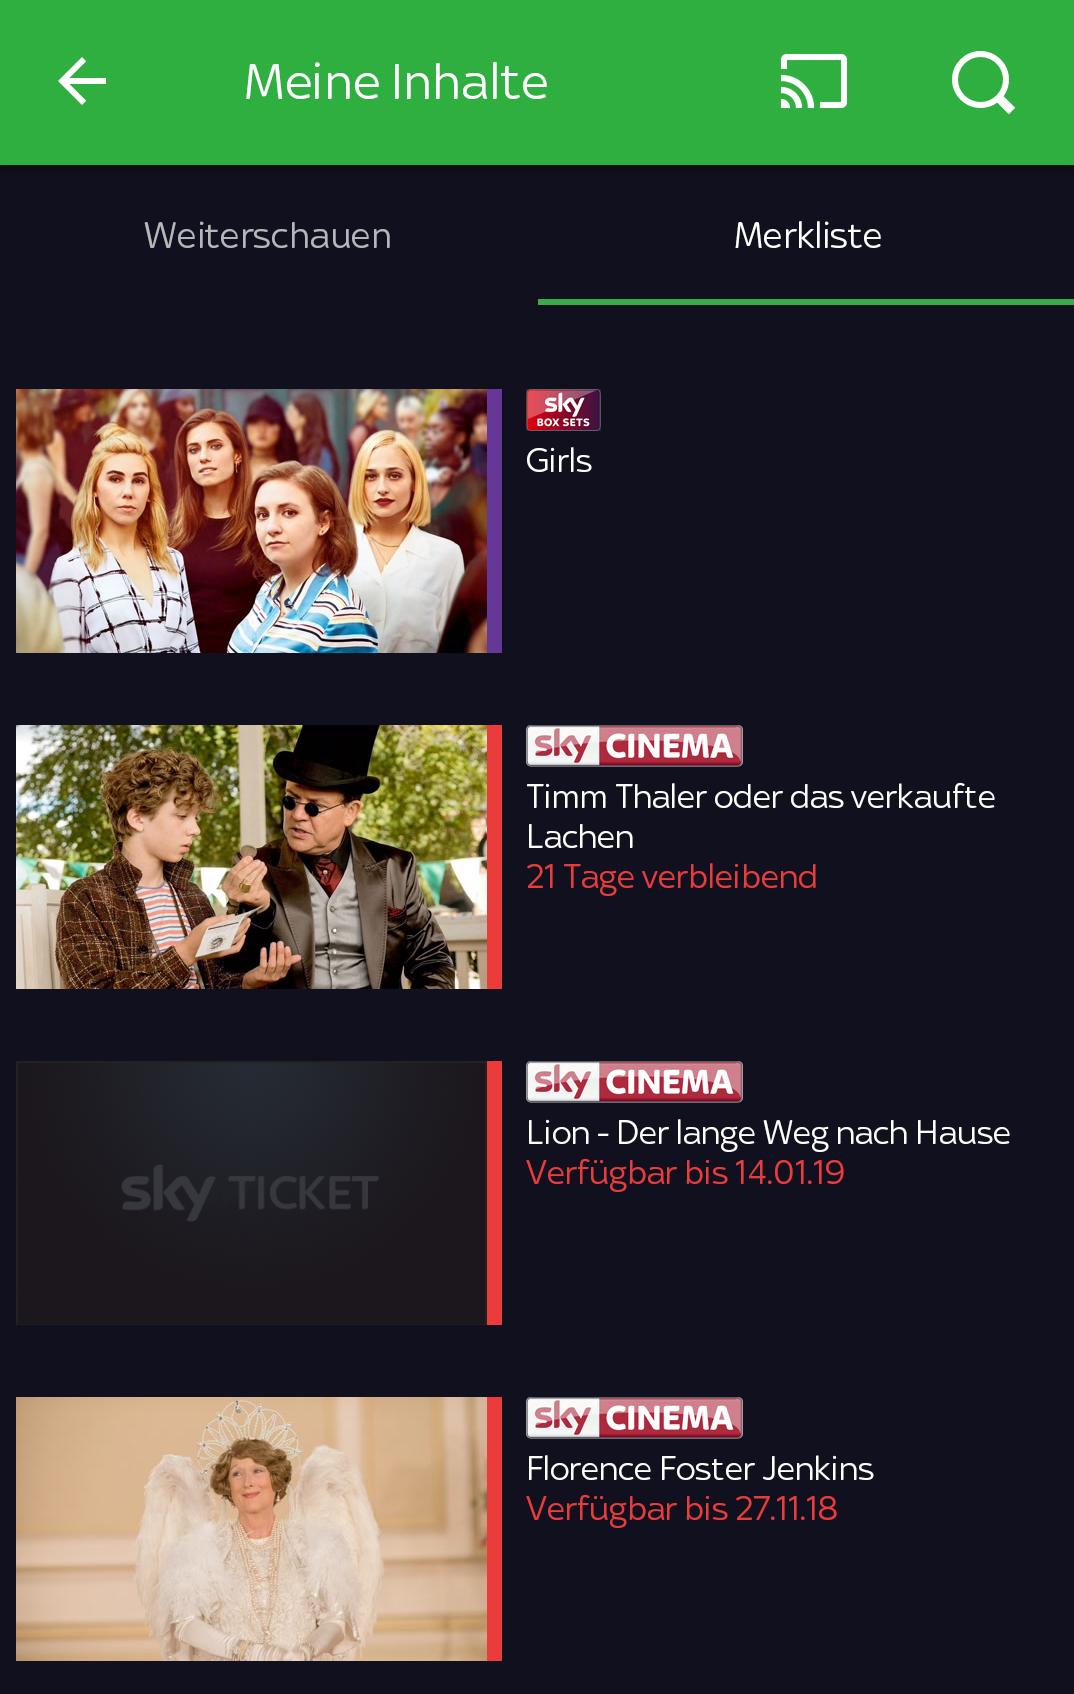 Sky Ticket TV Stick im Test: Sky kann's gut, Netflix und Amazon können es besser - Die Merkliste in Sky Ticket auf dem Smartphone zeigt das Ablaufdatum von Filmen an, nicht aber von Serien. (Screenshot: Golem.de/Sky)